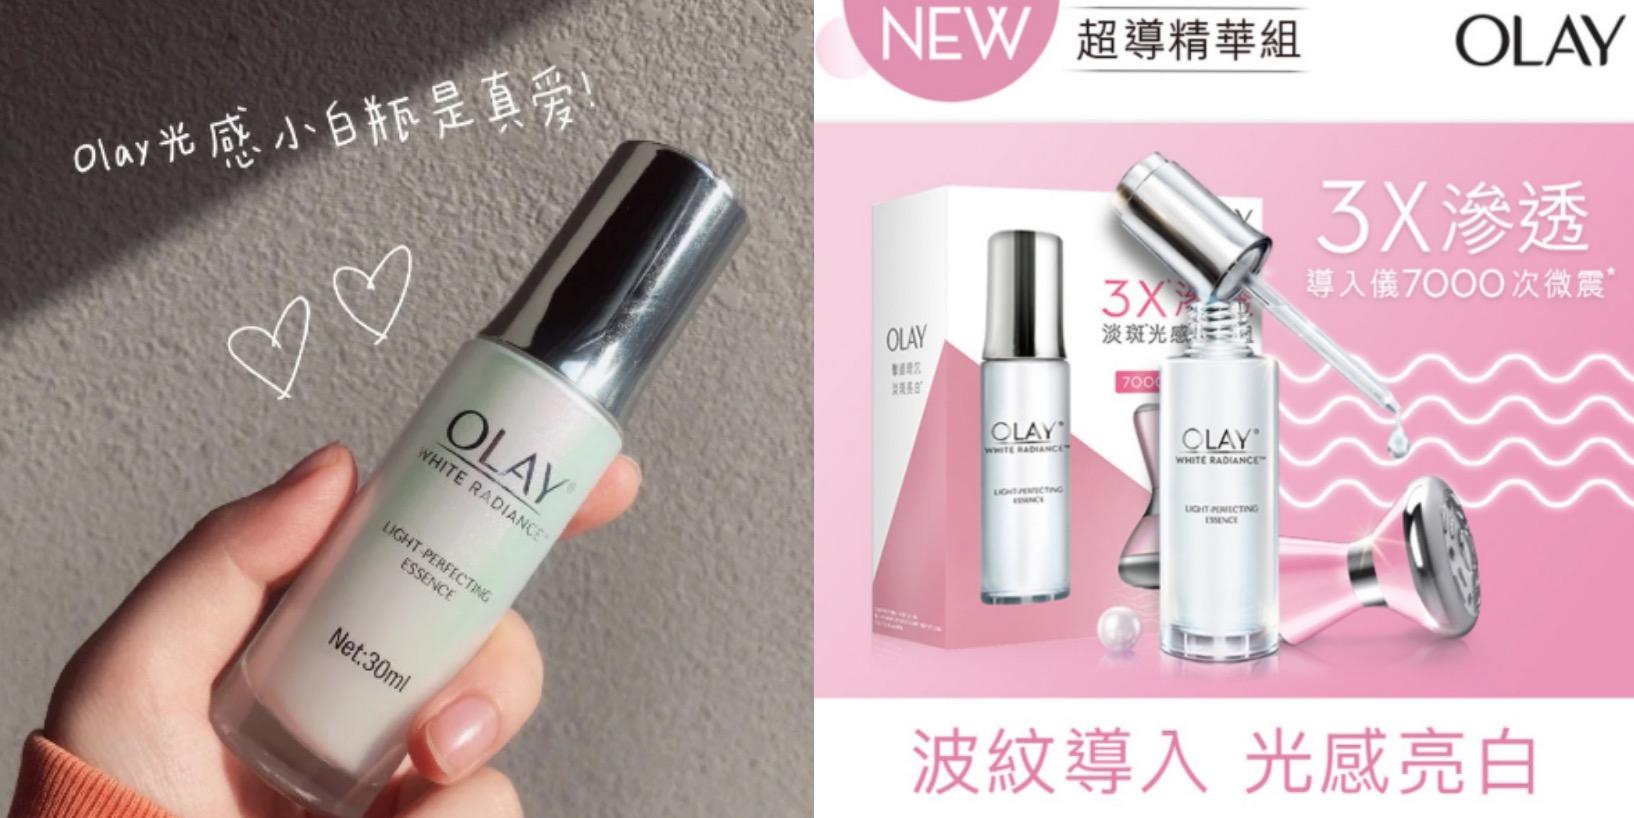 光感小白瓶推出後就爆賣316萬瓶,使用日本珍珠光學科技,幫助肌膚代謝,全面提升亮白度,有效淡斑、抵抗暗沉。